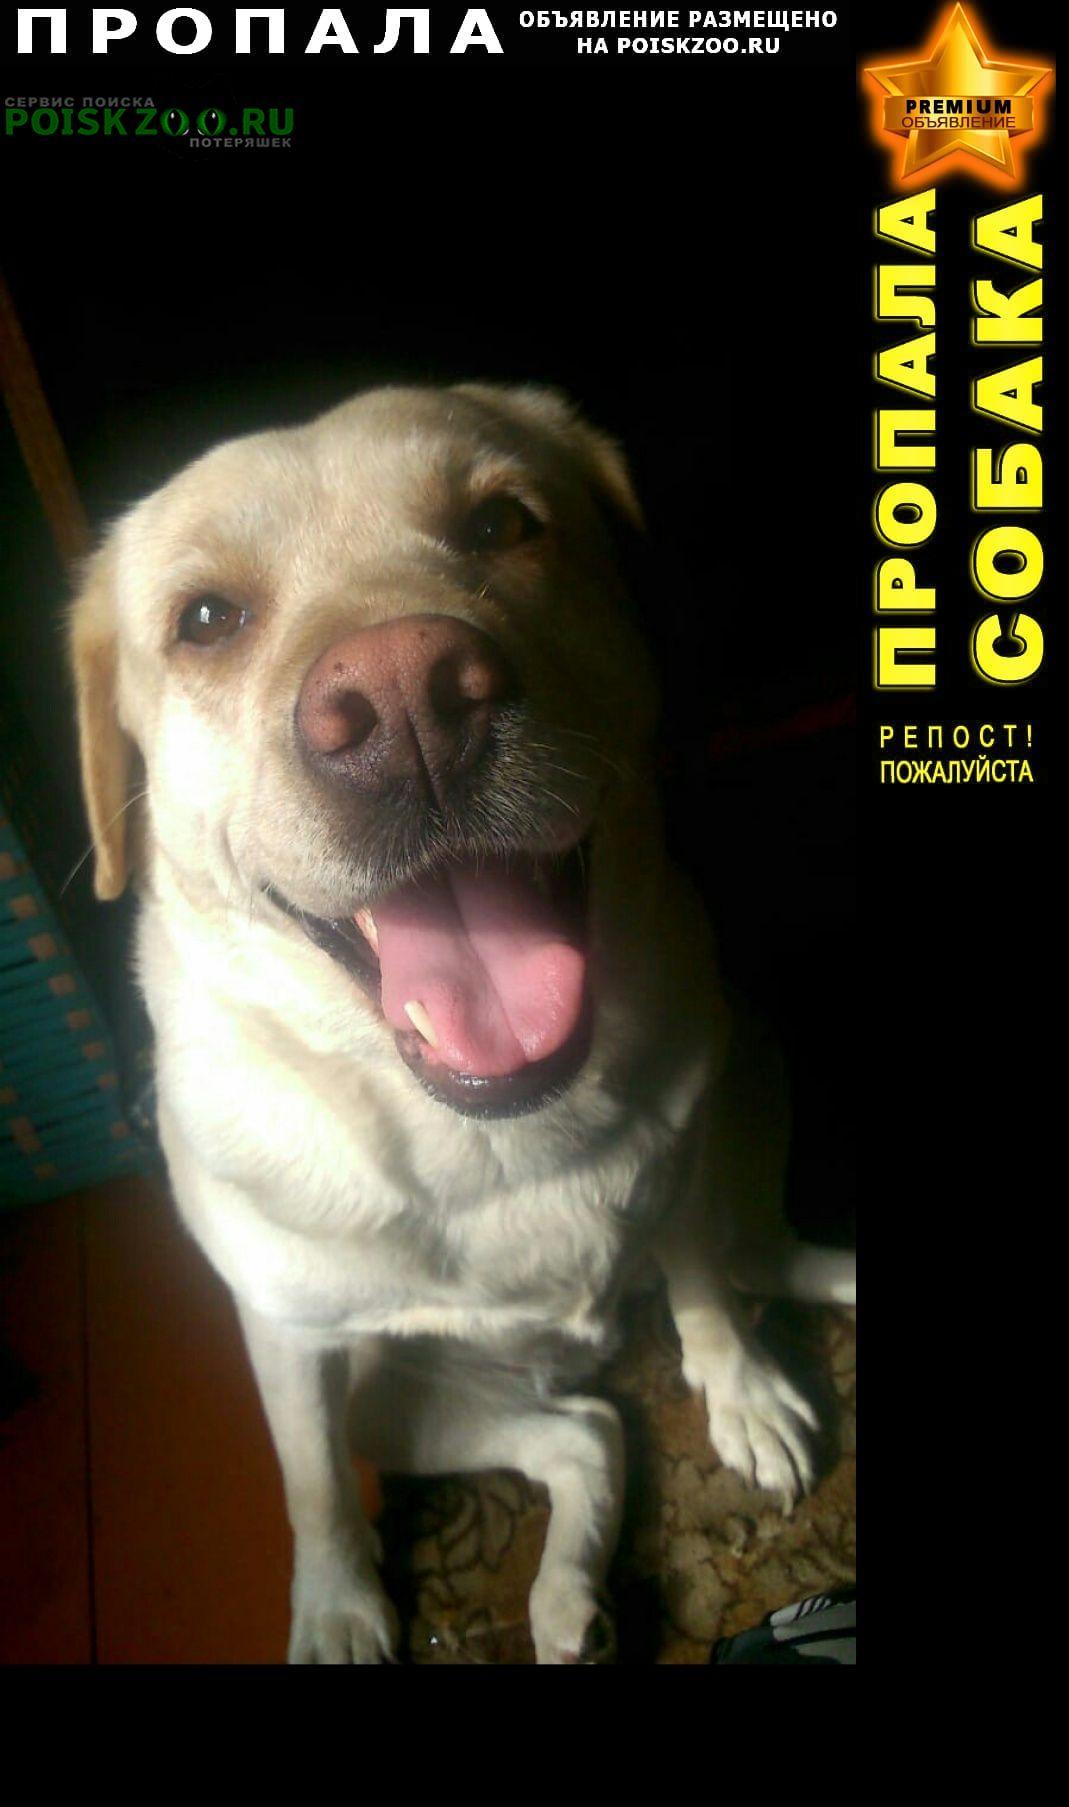 Пропала собака верните пожалуйста Прокопьевск